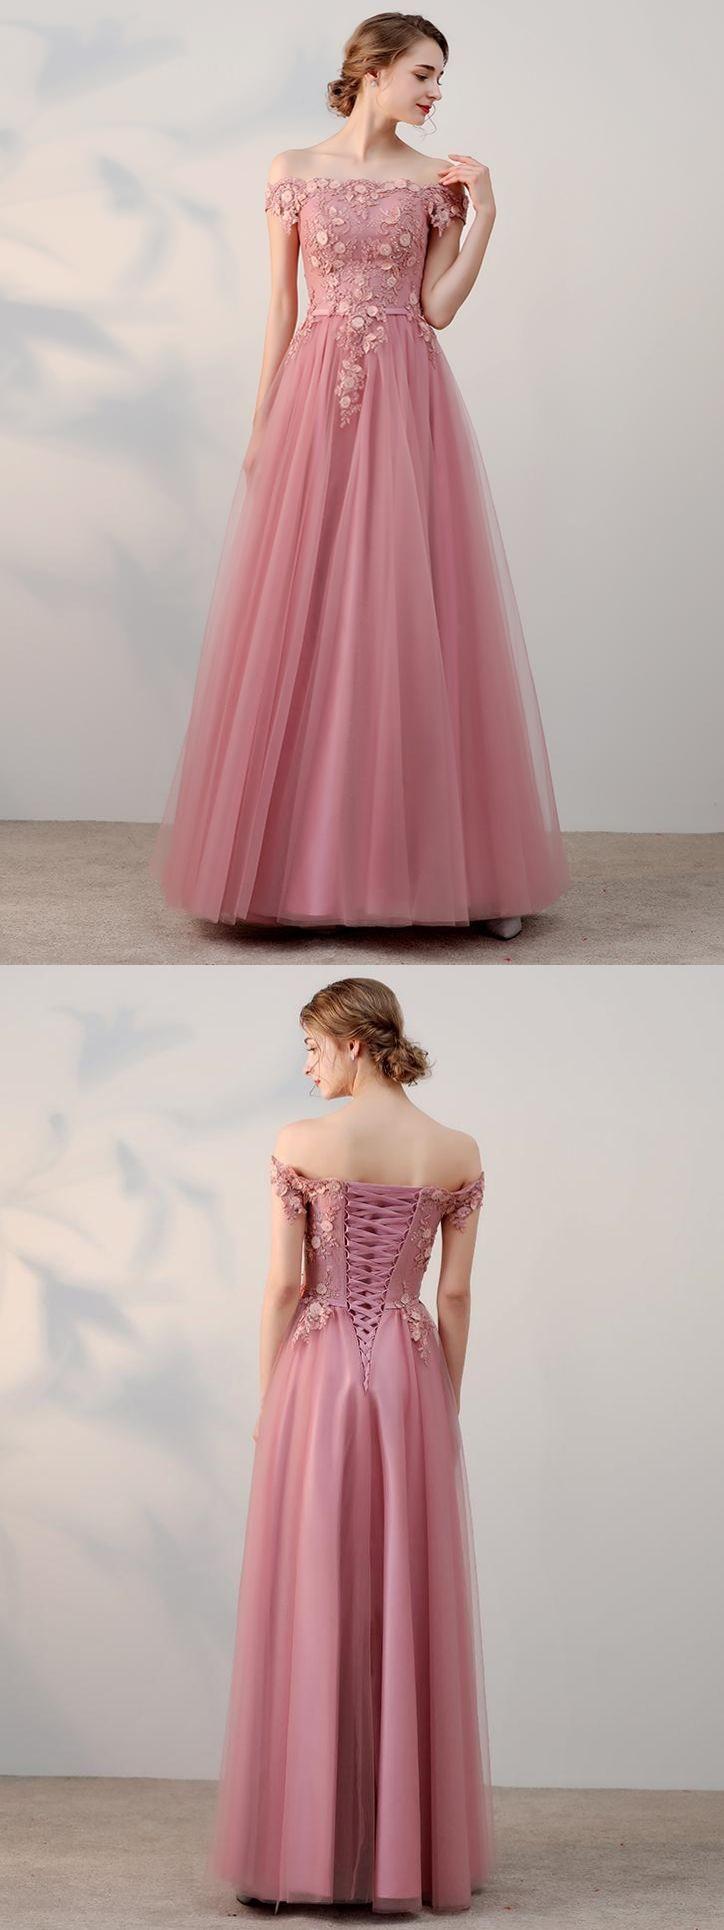 A-Linie Carmen-Ausschnitt bodenlang Kurz Tülle Abendkleider # AM230